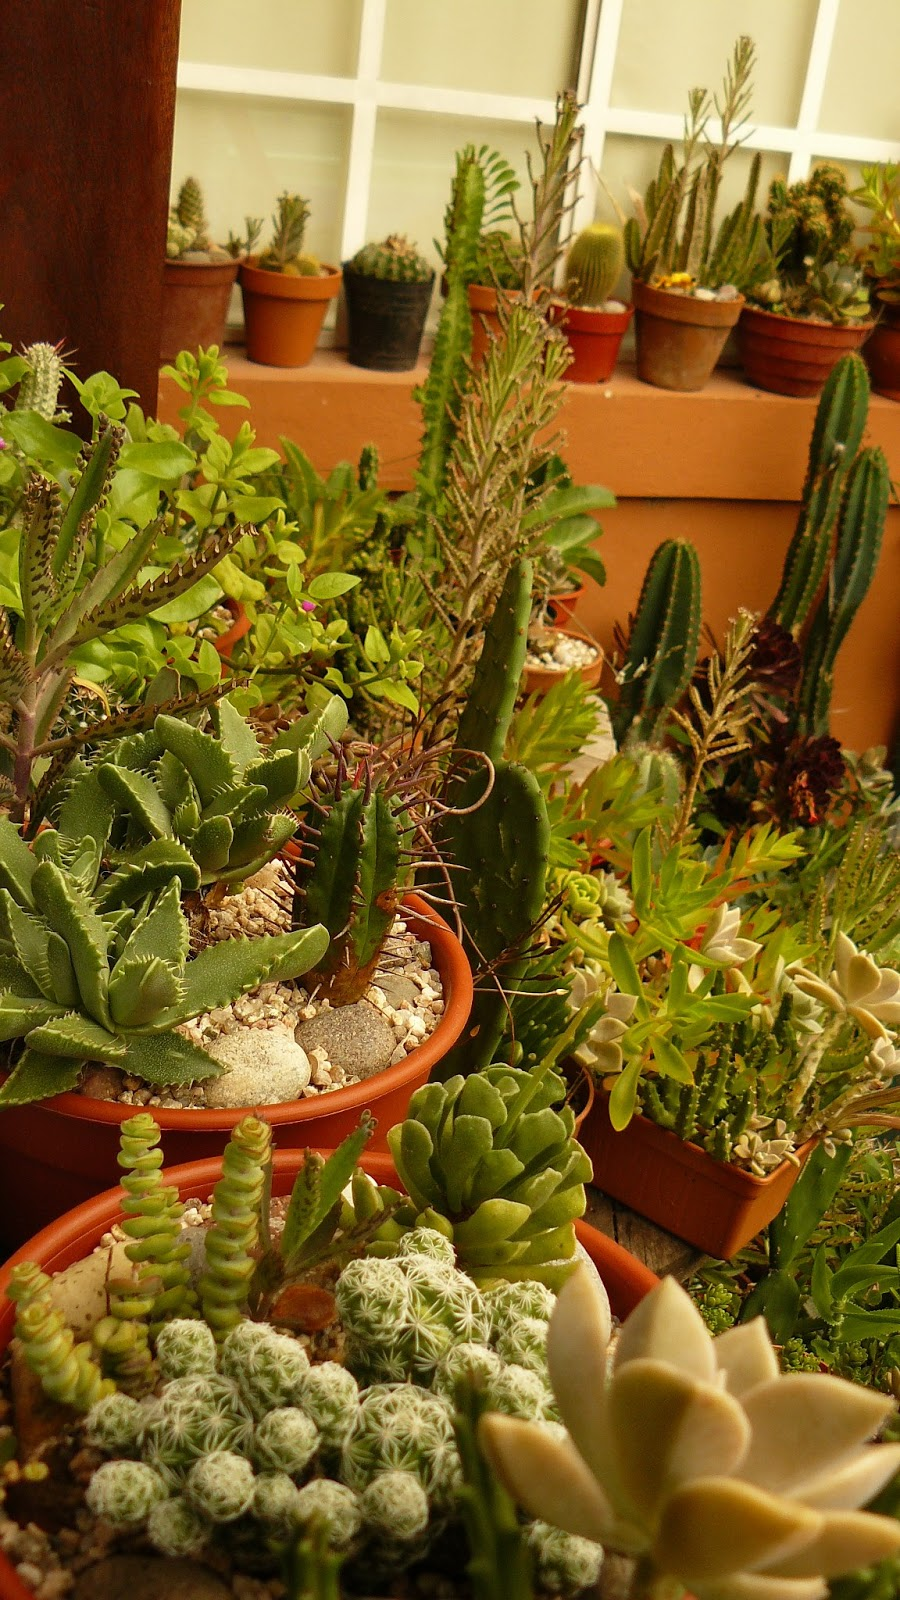 Jardines de cactus y suculentas no pierdas la cabeza - Jardines de cactus y suculentas ...